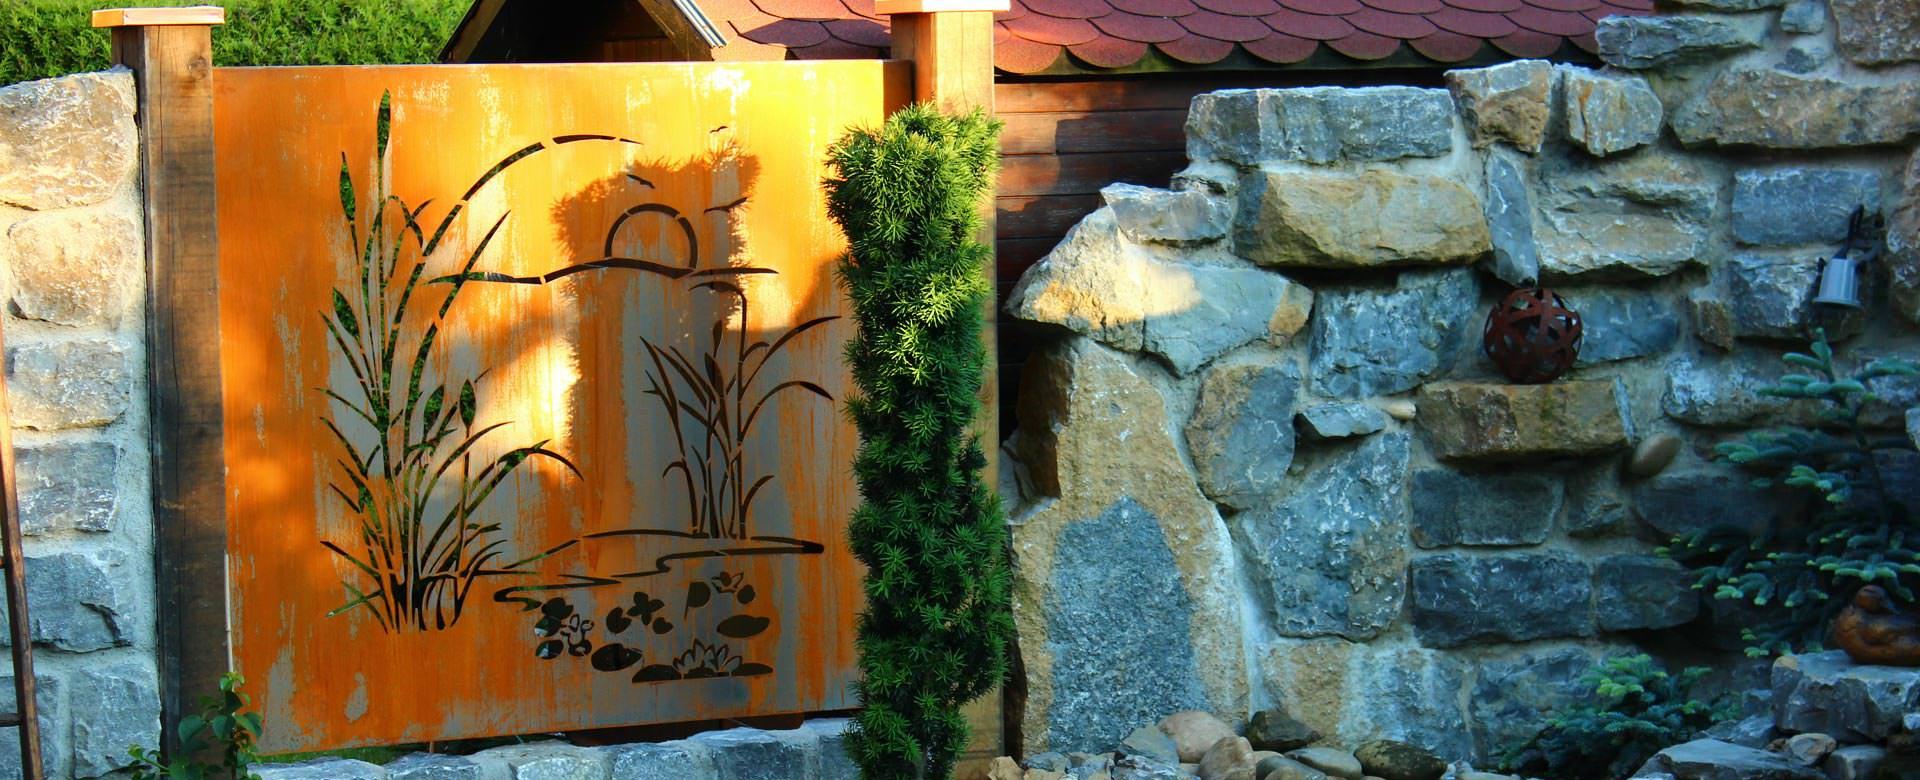 Full Size of Garten Trennwand Sichtschutz Metall Ideen Selber Bauen Holz Kunststoff Paletten Bauhaus Glas Stein Machen Obi Anthrazit Selbst Schweiz Praktiker Kaufen Aus Garten Garten Trennwand